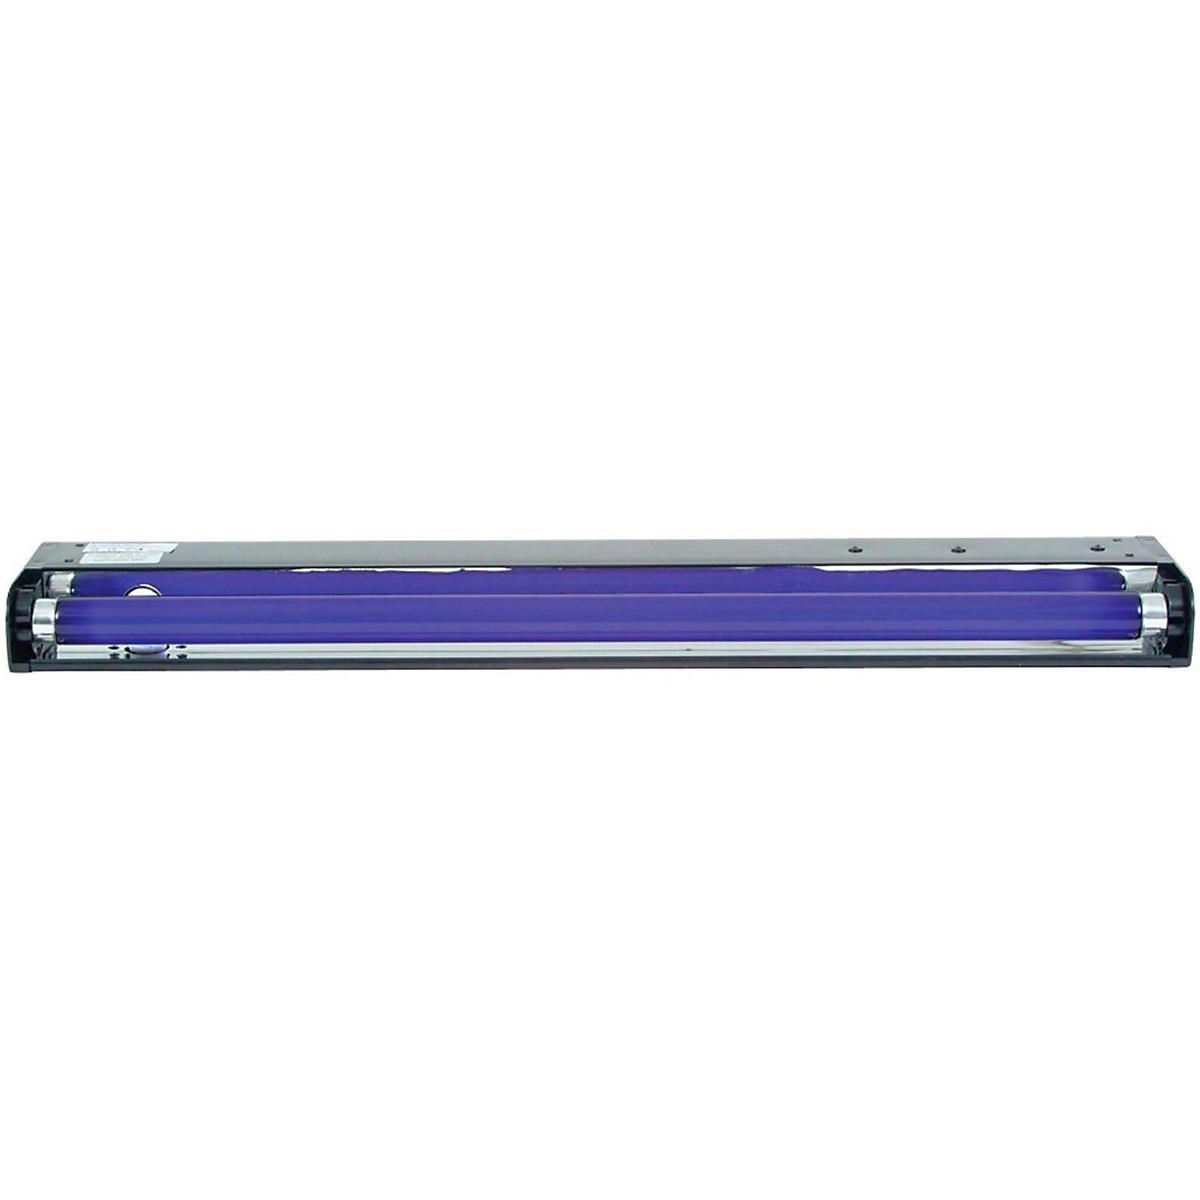 Eliminator Lighting Black-24 (E-123) Blacklight